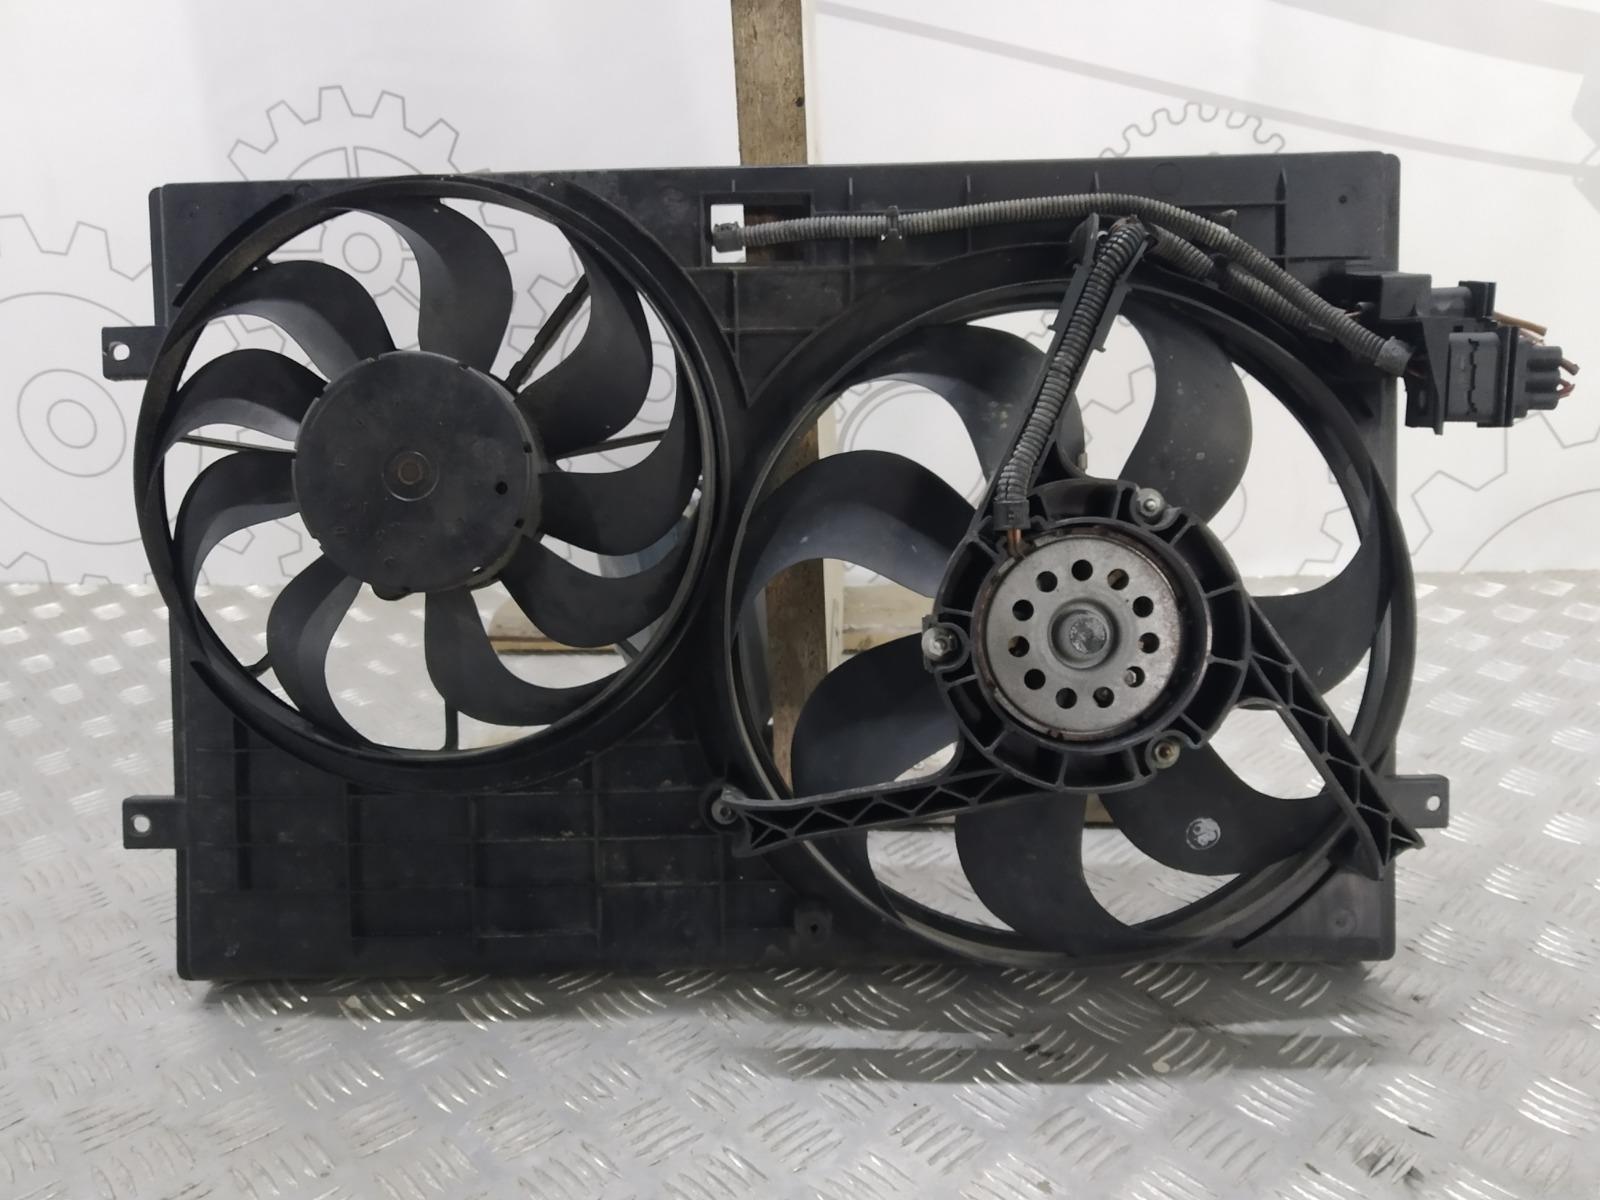 Вентилятор радиатора Volkswagen Polo 1.2 I 2002 (б/у)